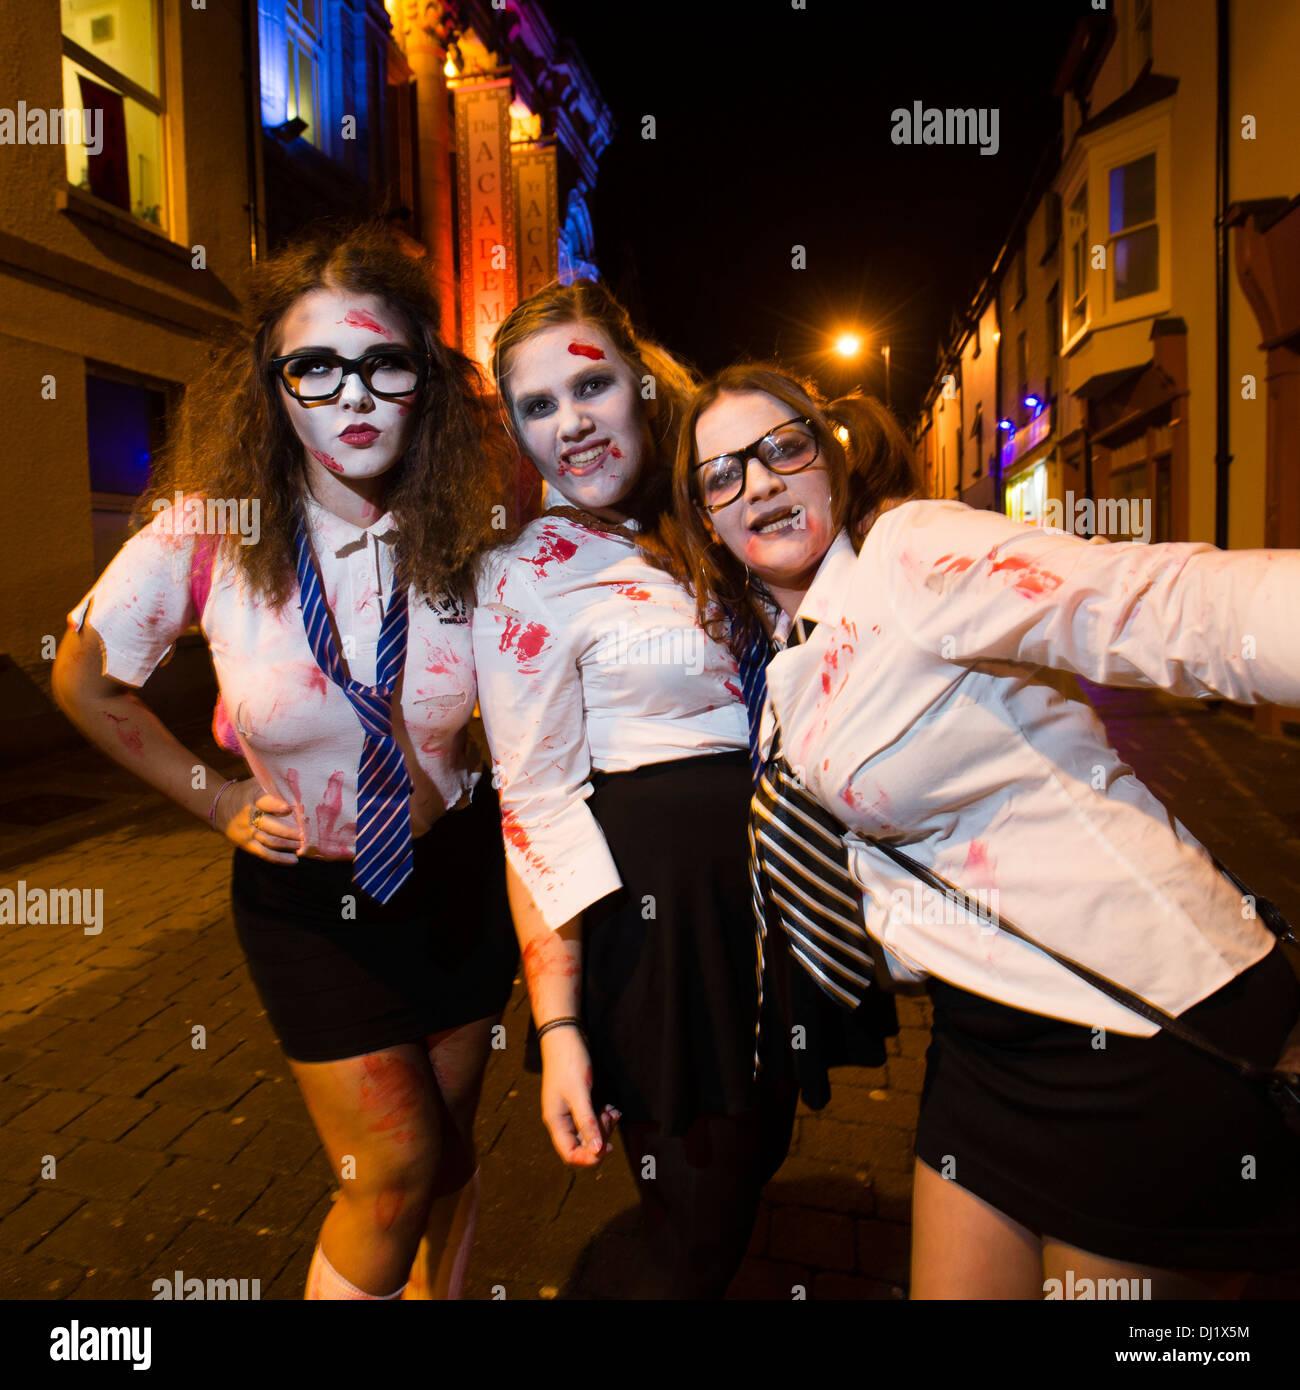 Three Young women, university students, in fancy dress schoolgirl ...